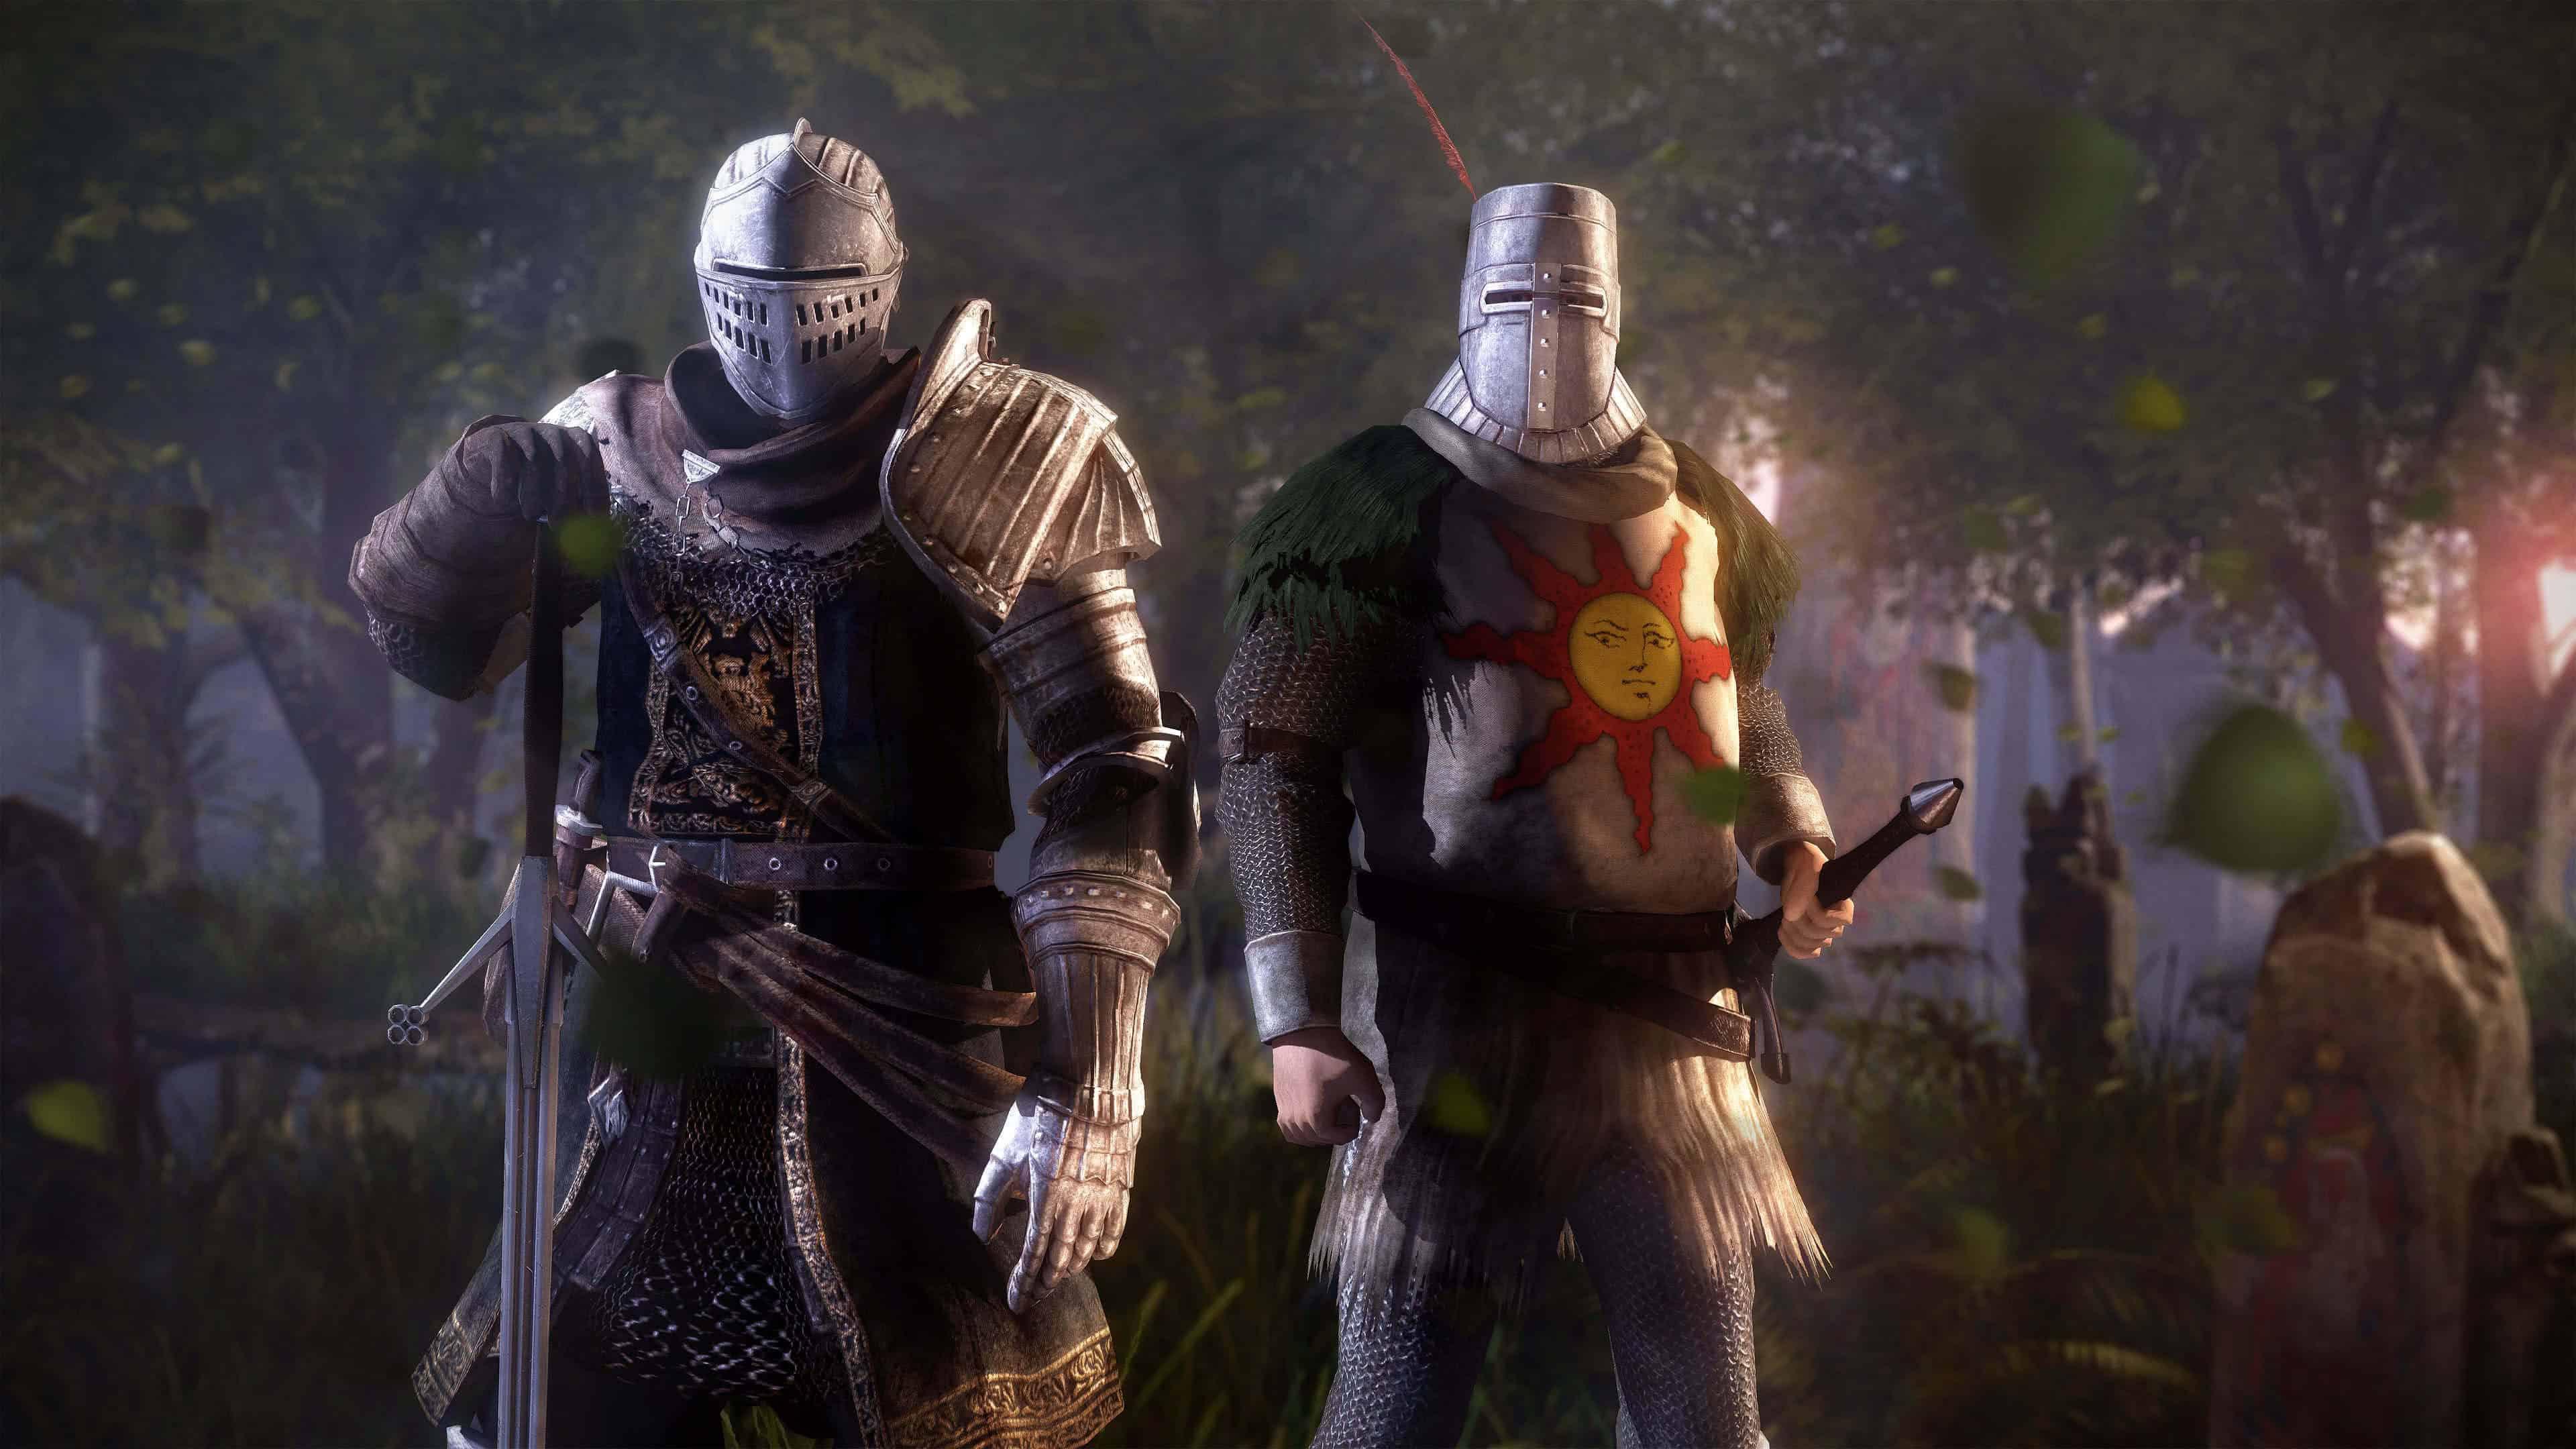 dark souls 3 knight uhd 4k wallpaper